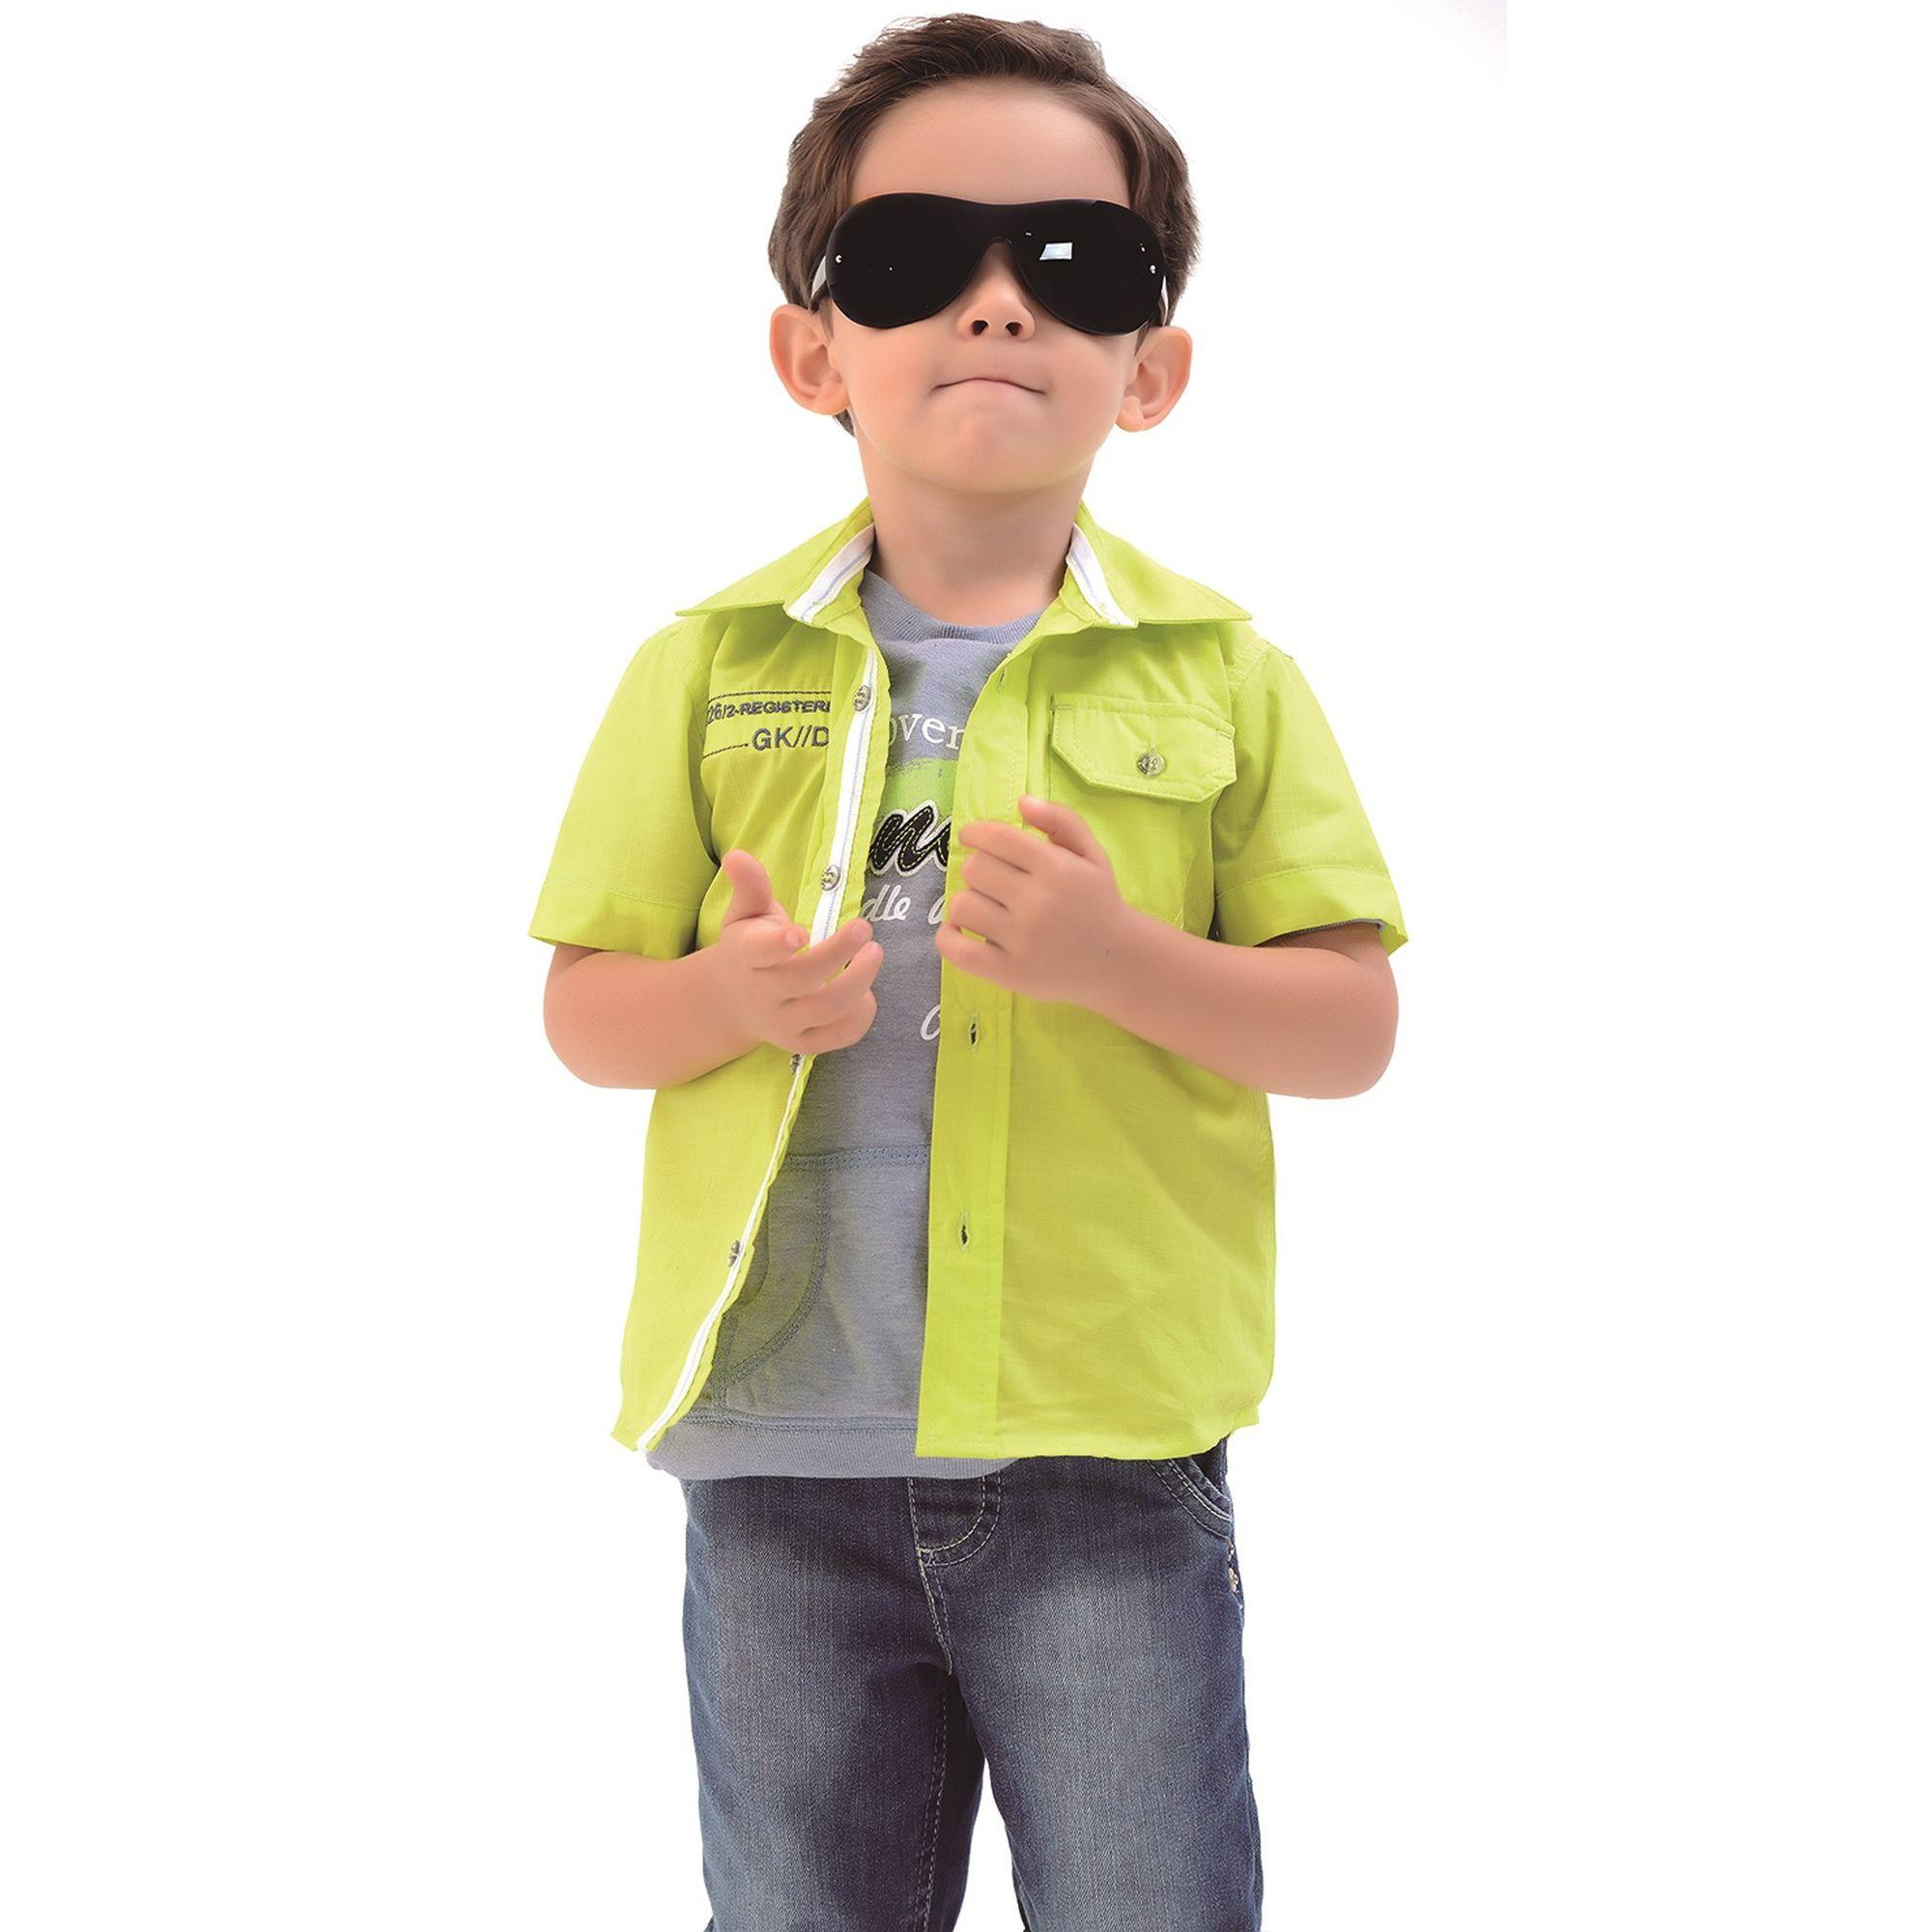 conjunto-menino-camisa-citrica